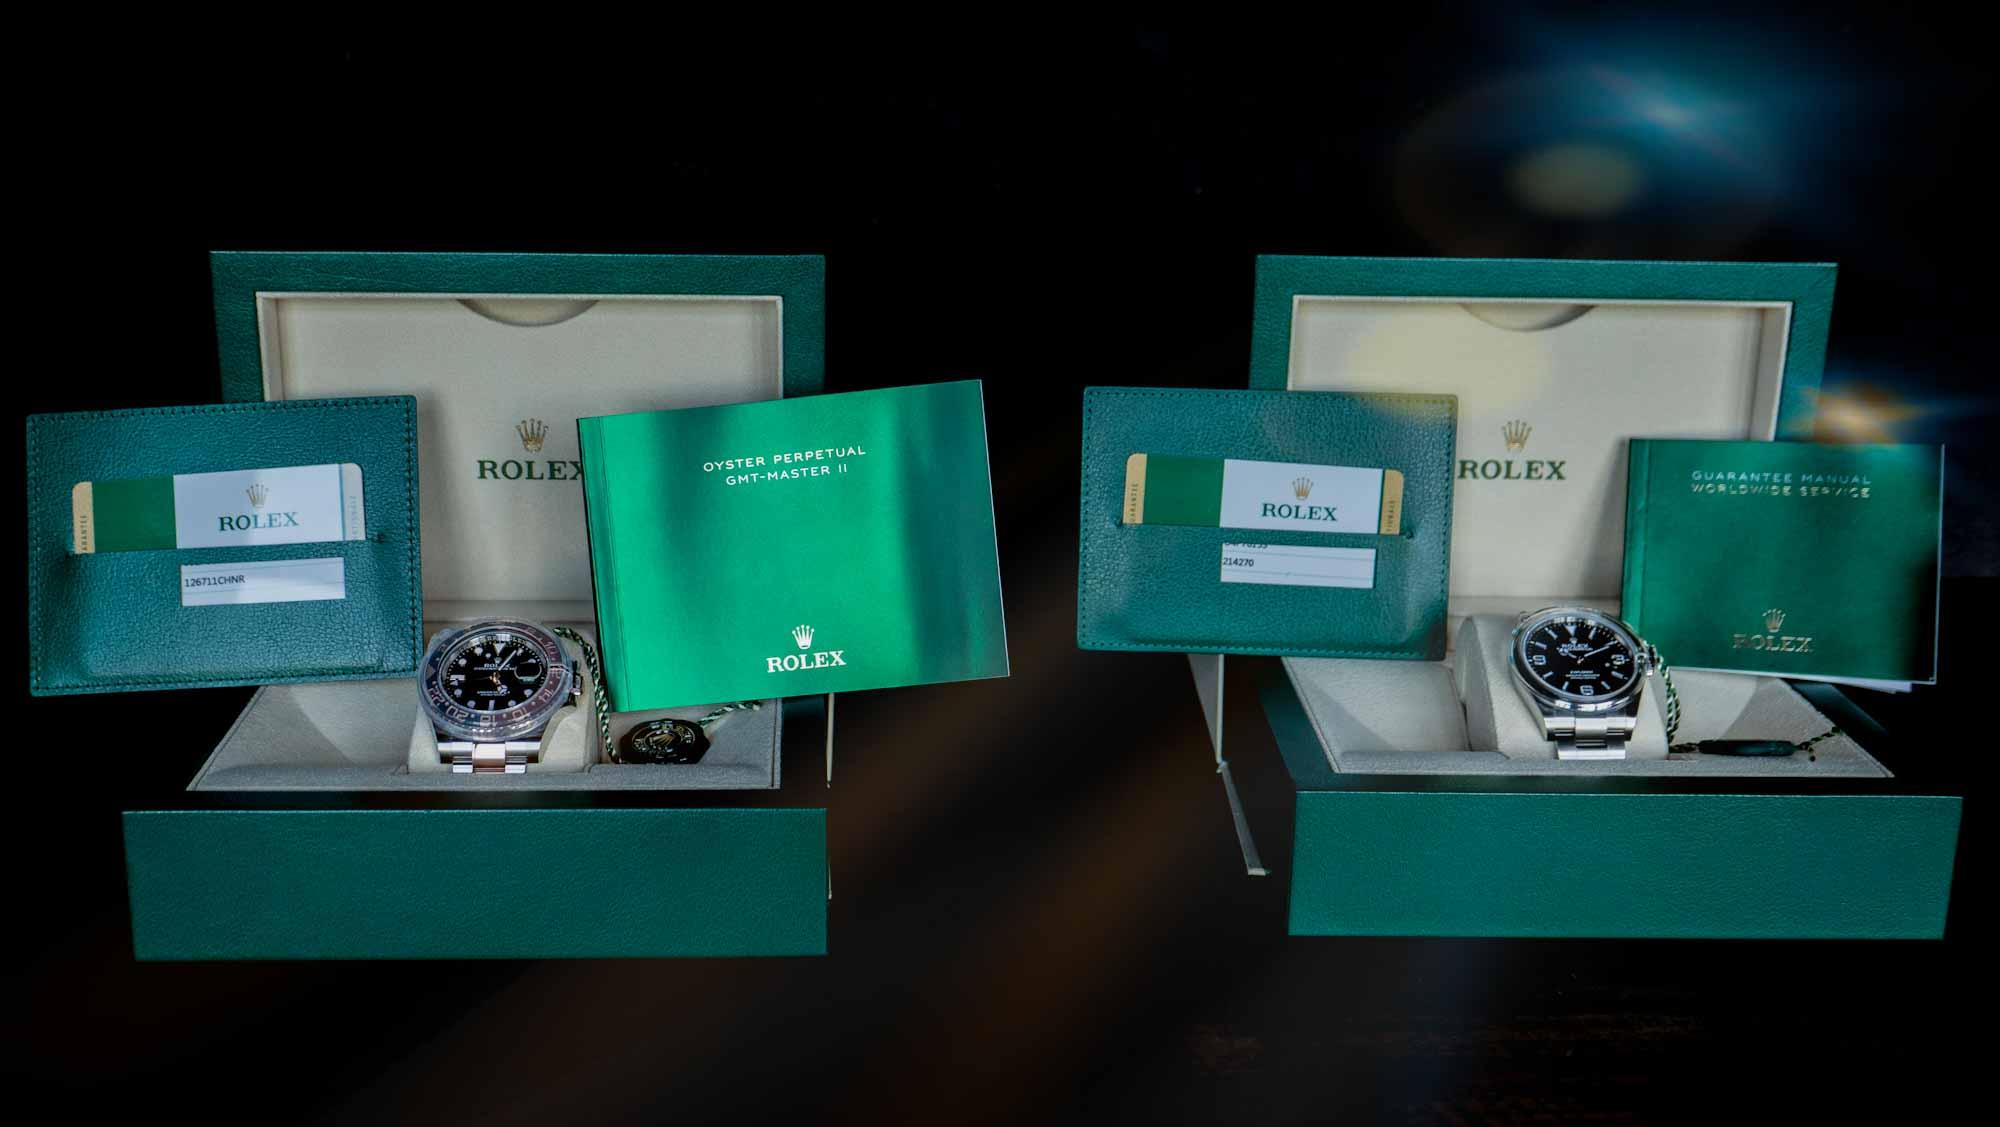 neu gekaufte Rolex Uhren in grüner Verpackung